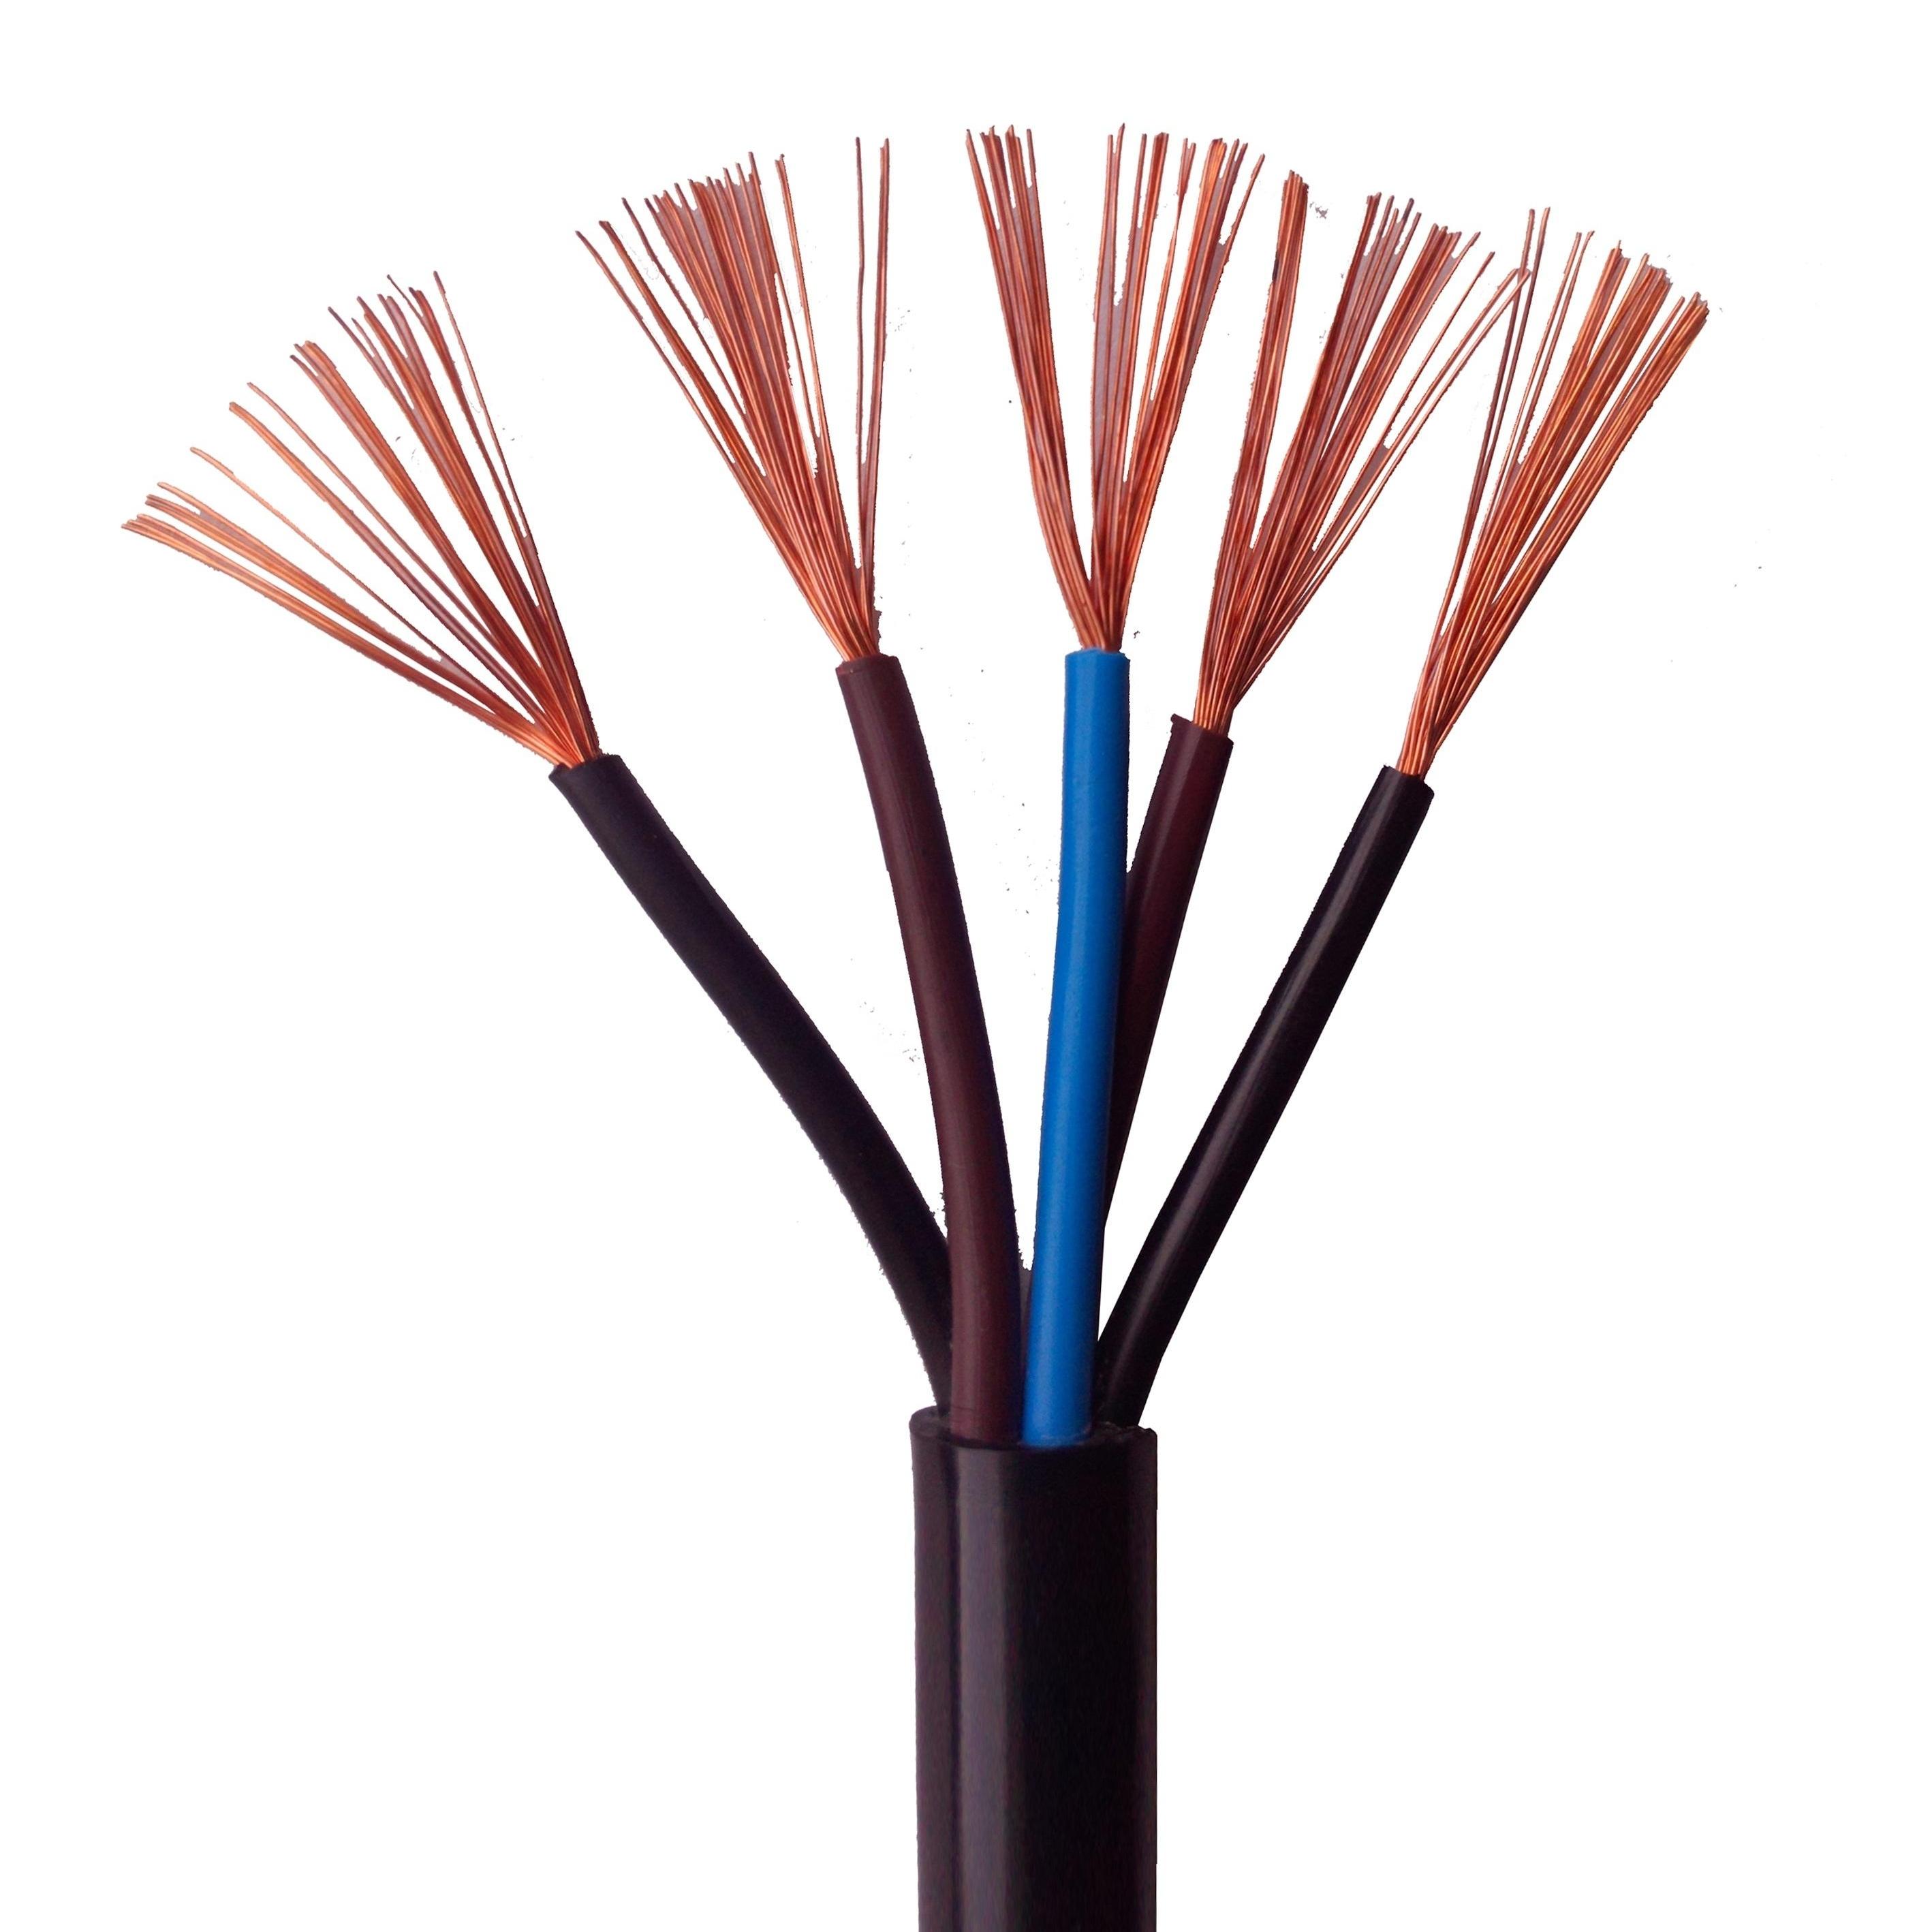 国标铜芯阻燃电缆ZRRVV型号齐全